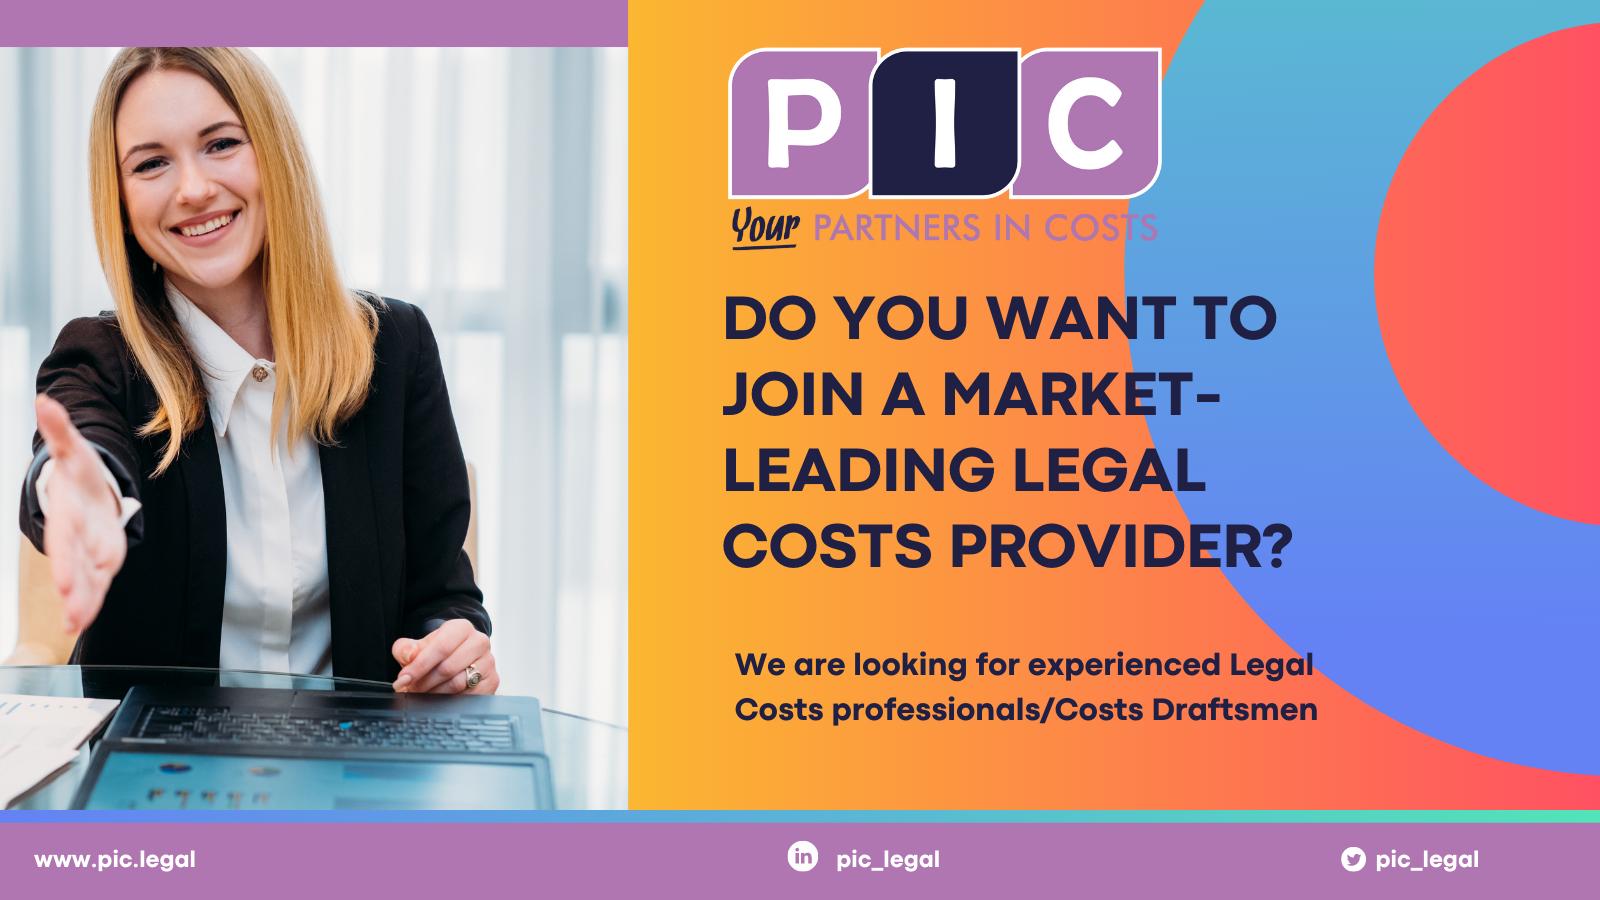 Legal Costs Professionals / Costs Draftsmen Vacancies